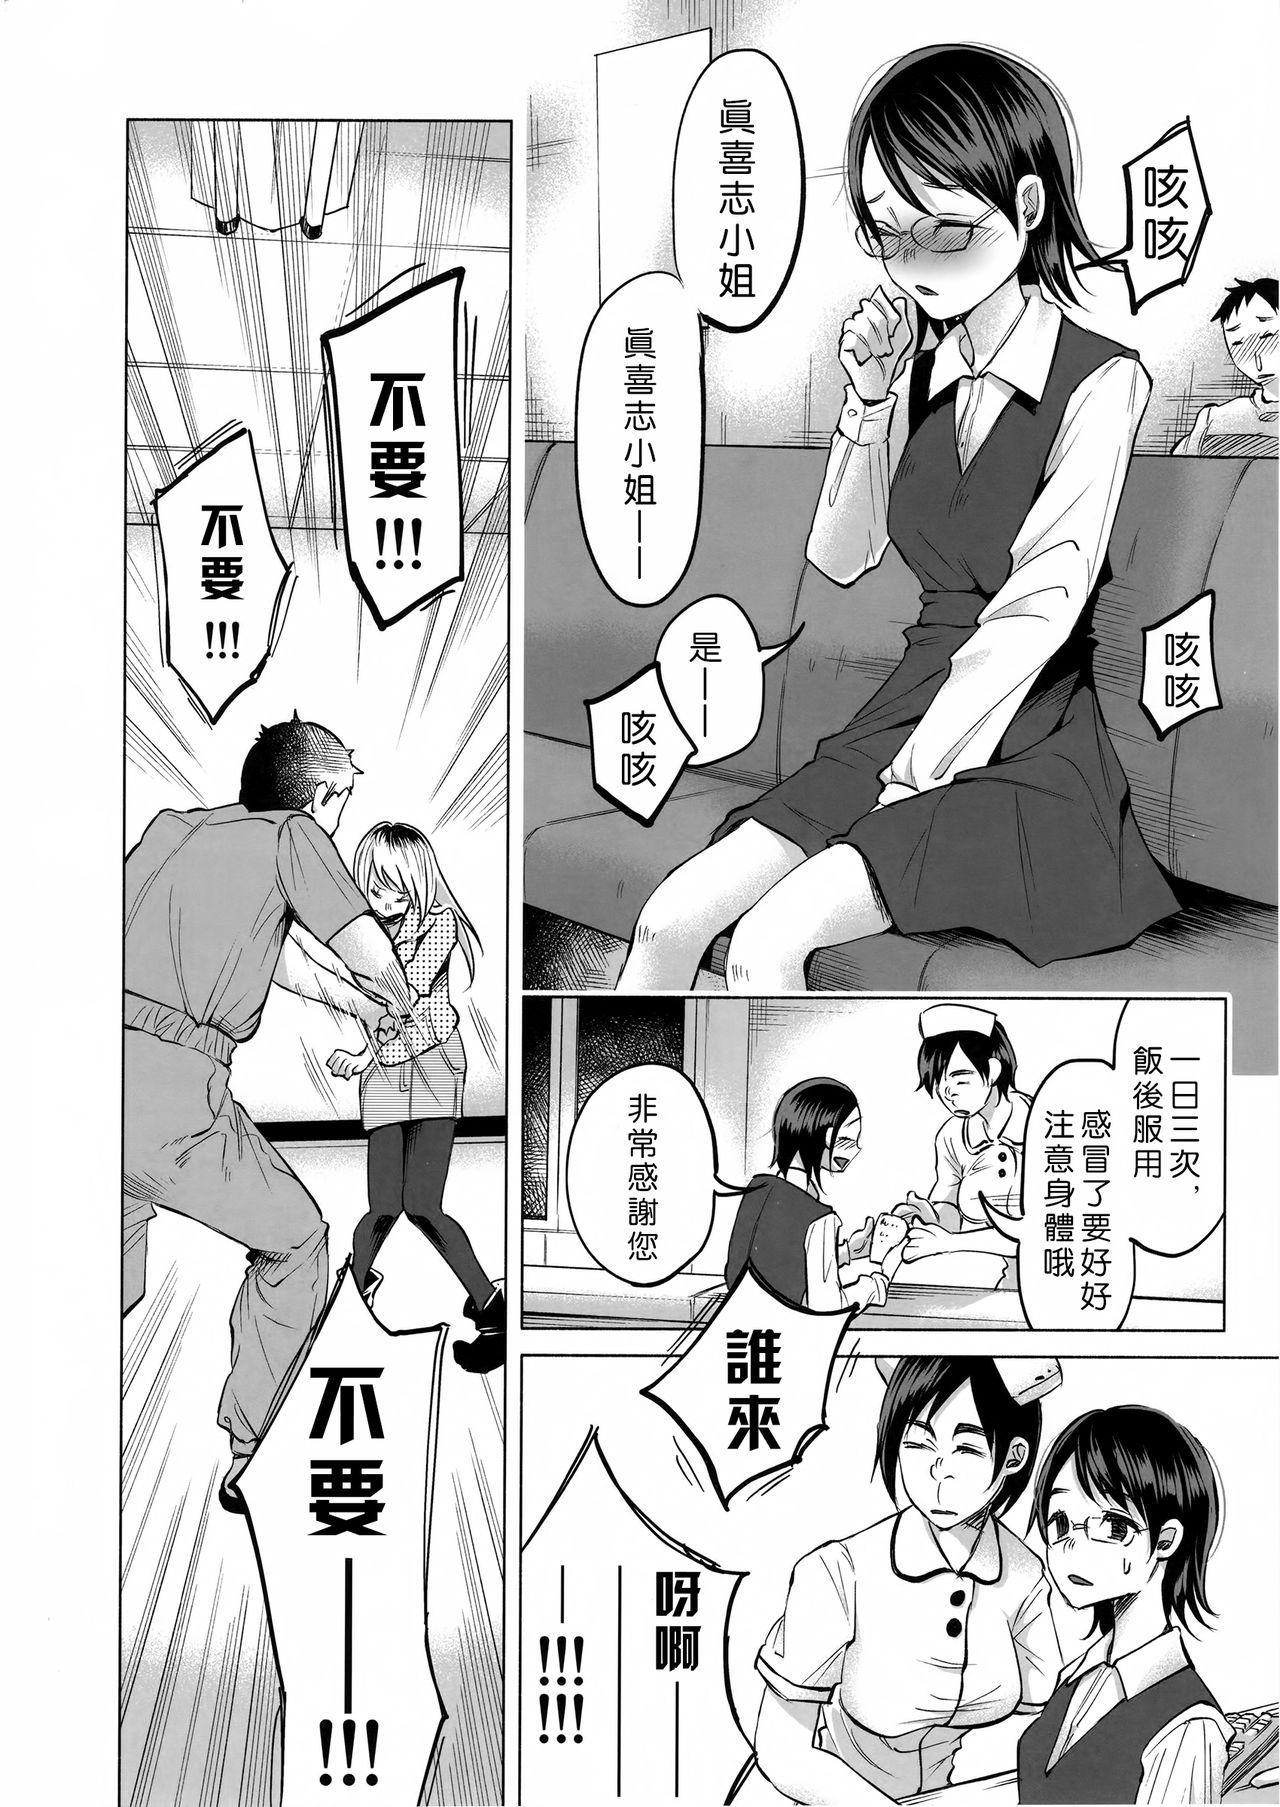 Koi Monogatari 11